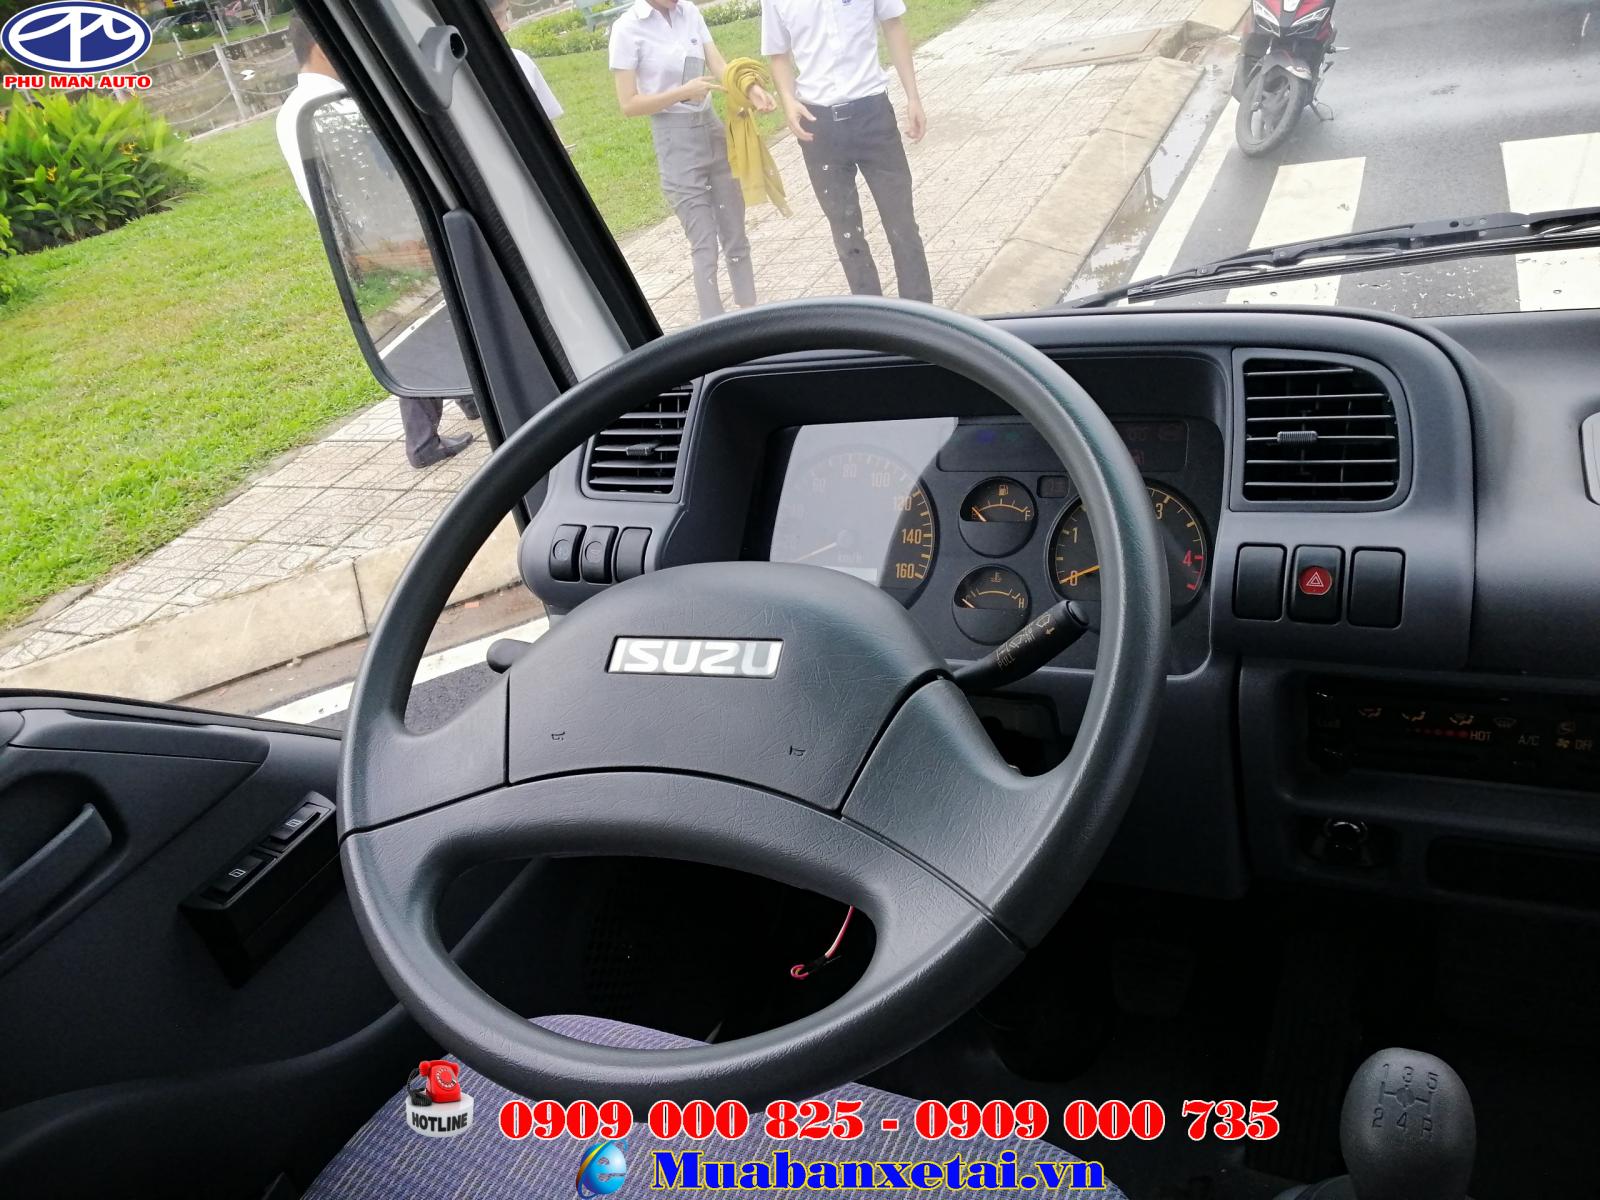 Vô lăng xe tải Isuzu 3t49